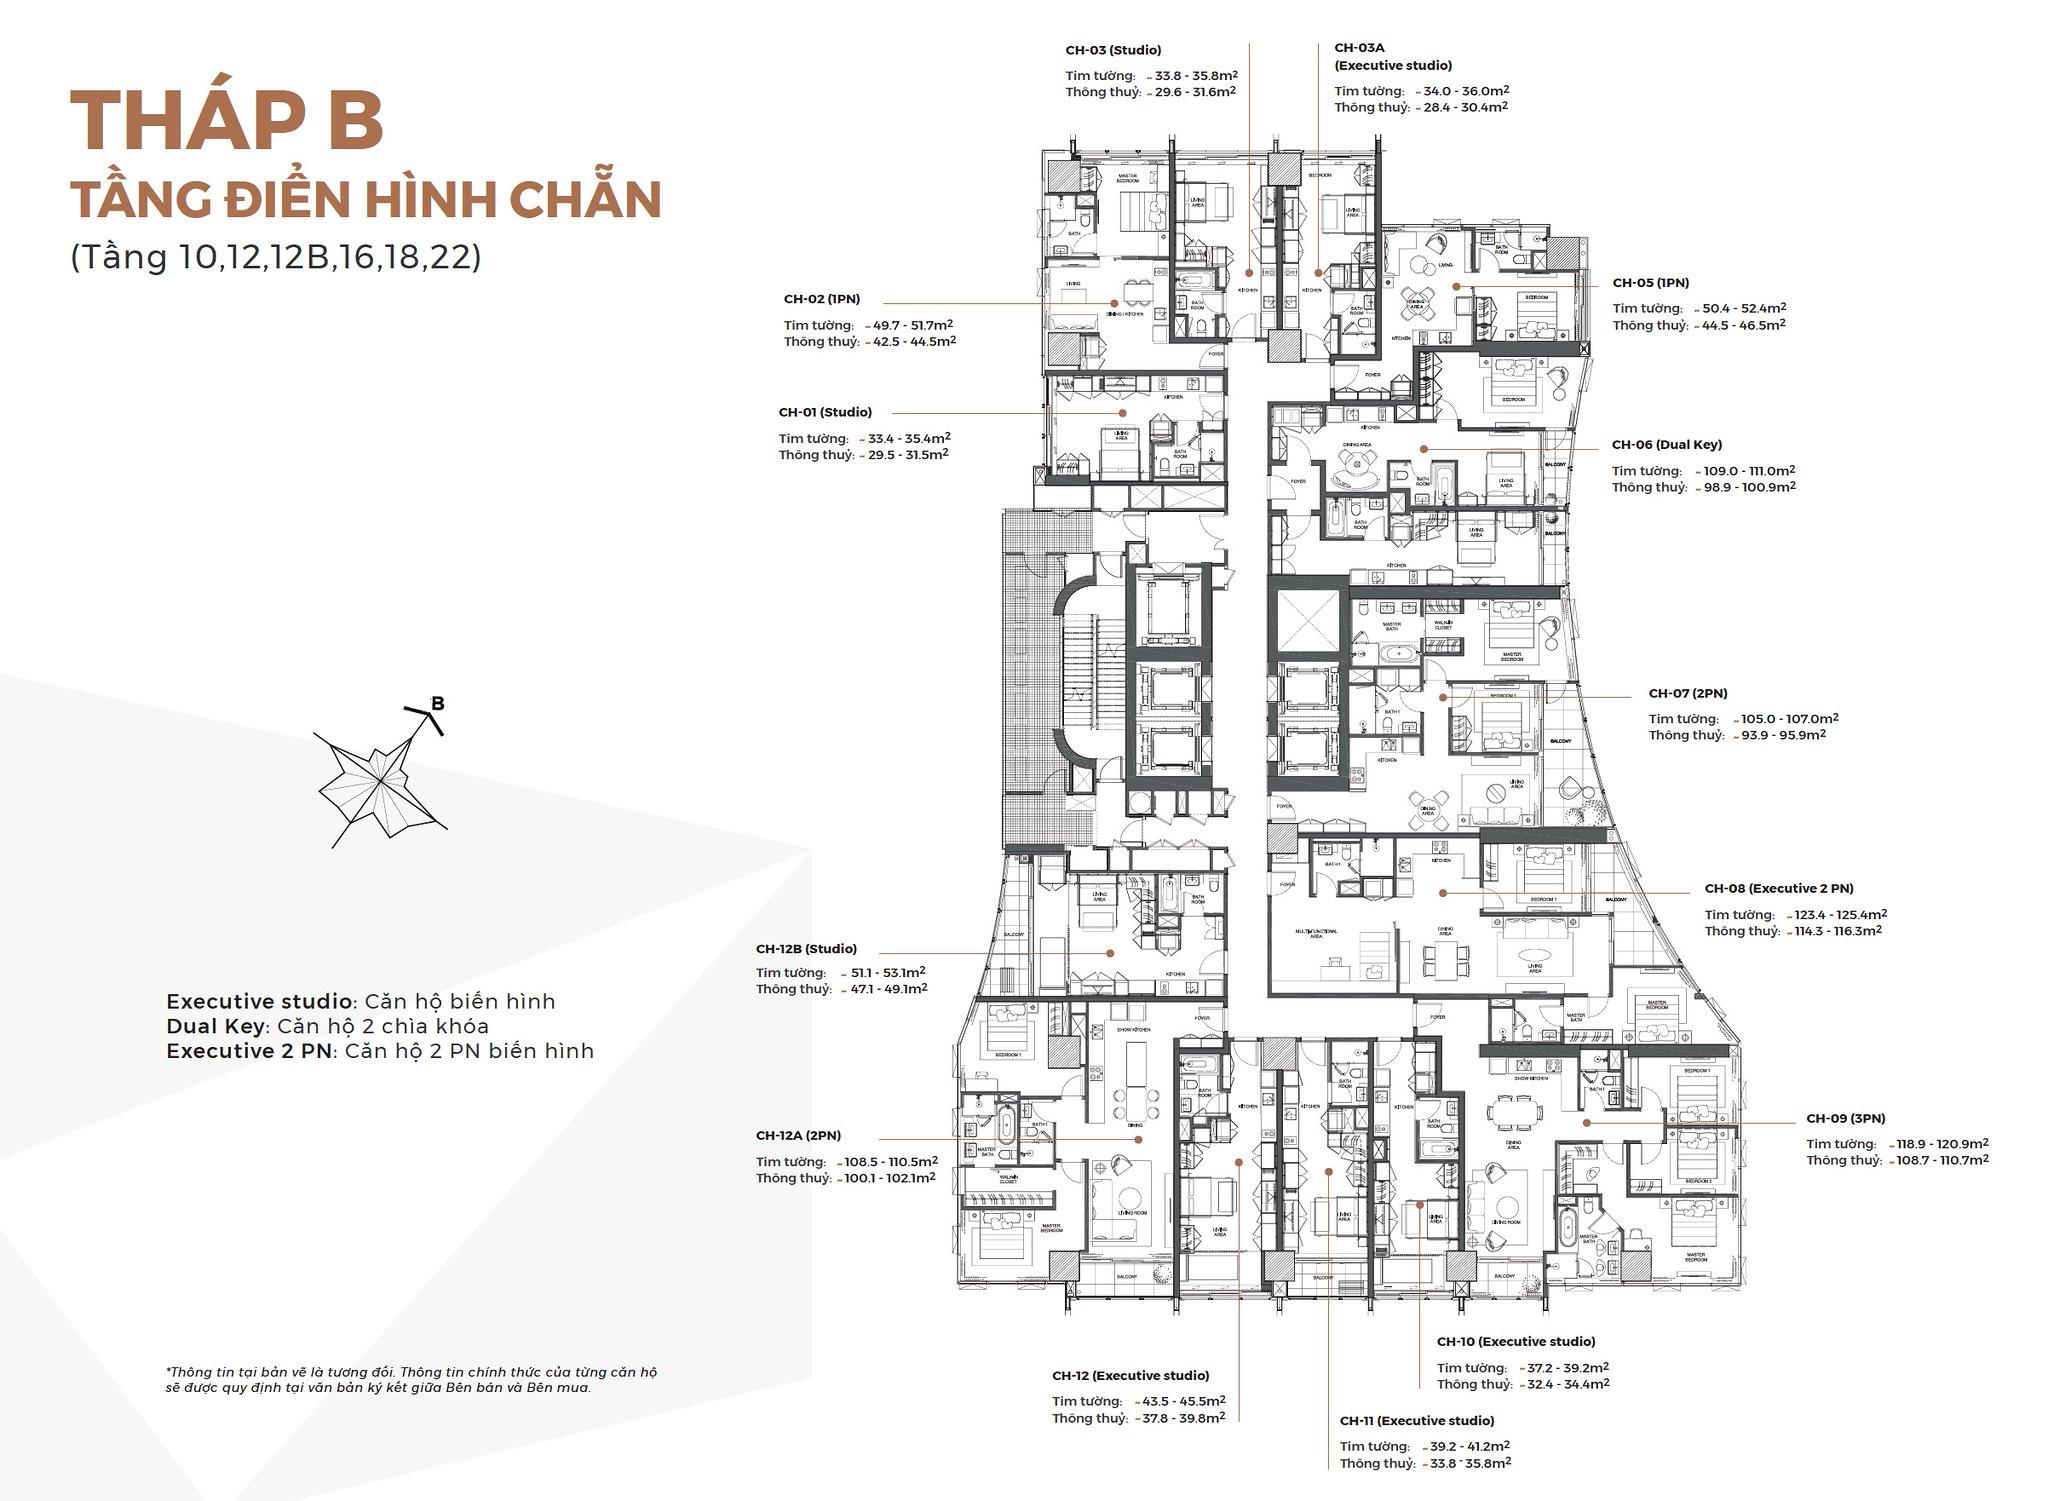 Layout Mặt Bằng Tầng Điển Hình - Tháp B - Tầng chẵn - Alpha City